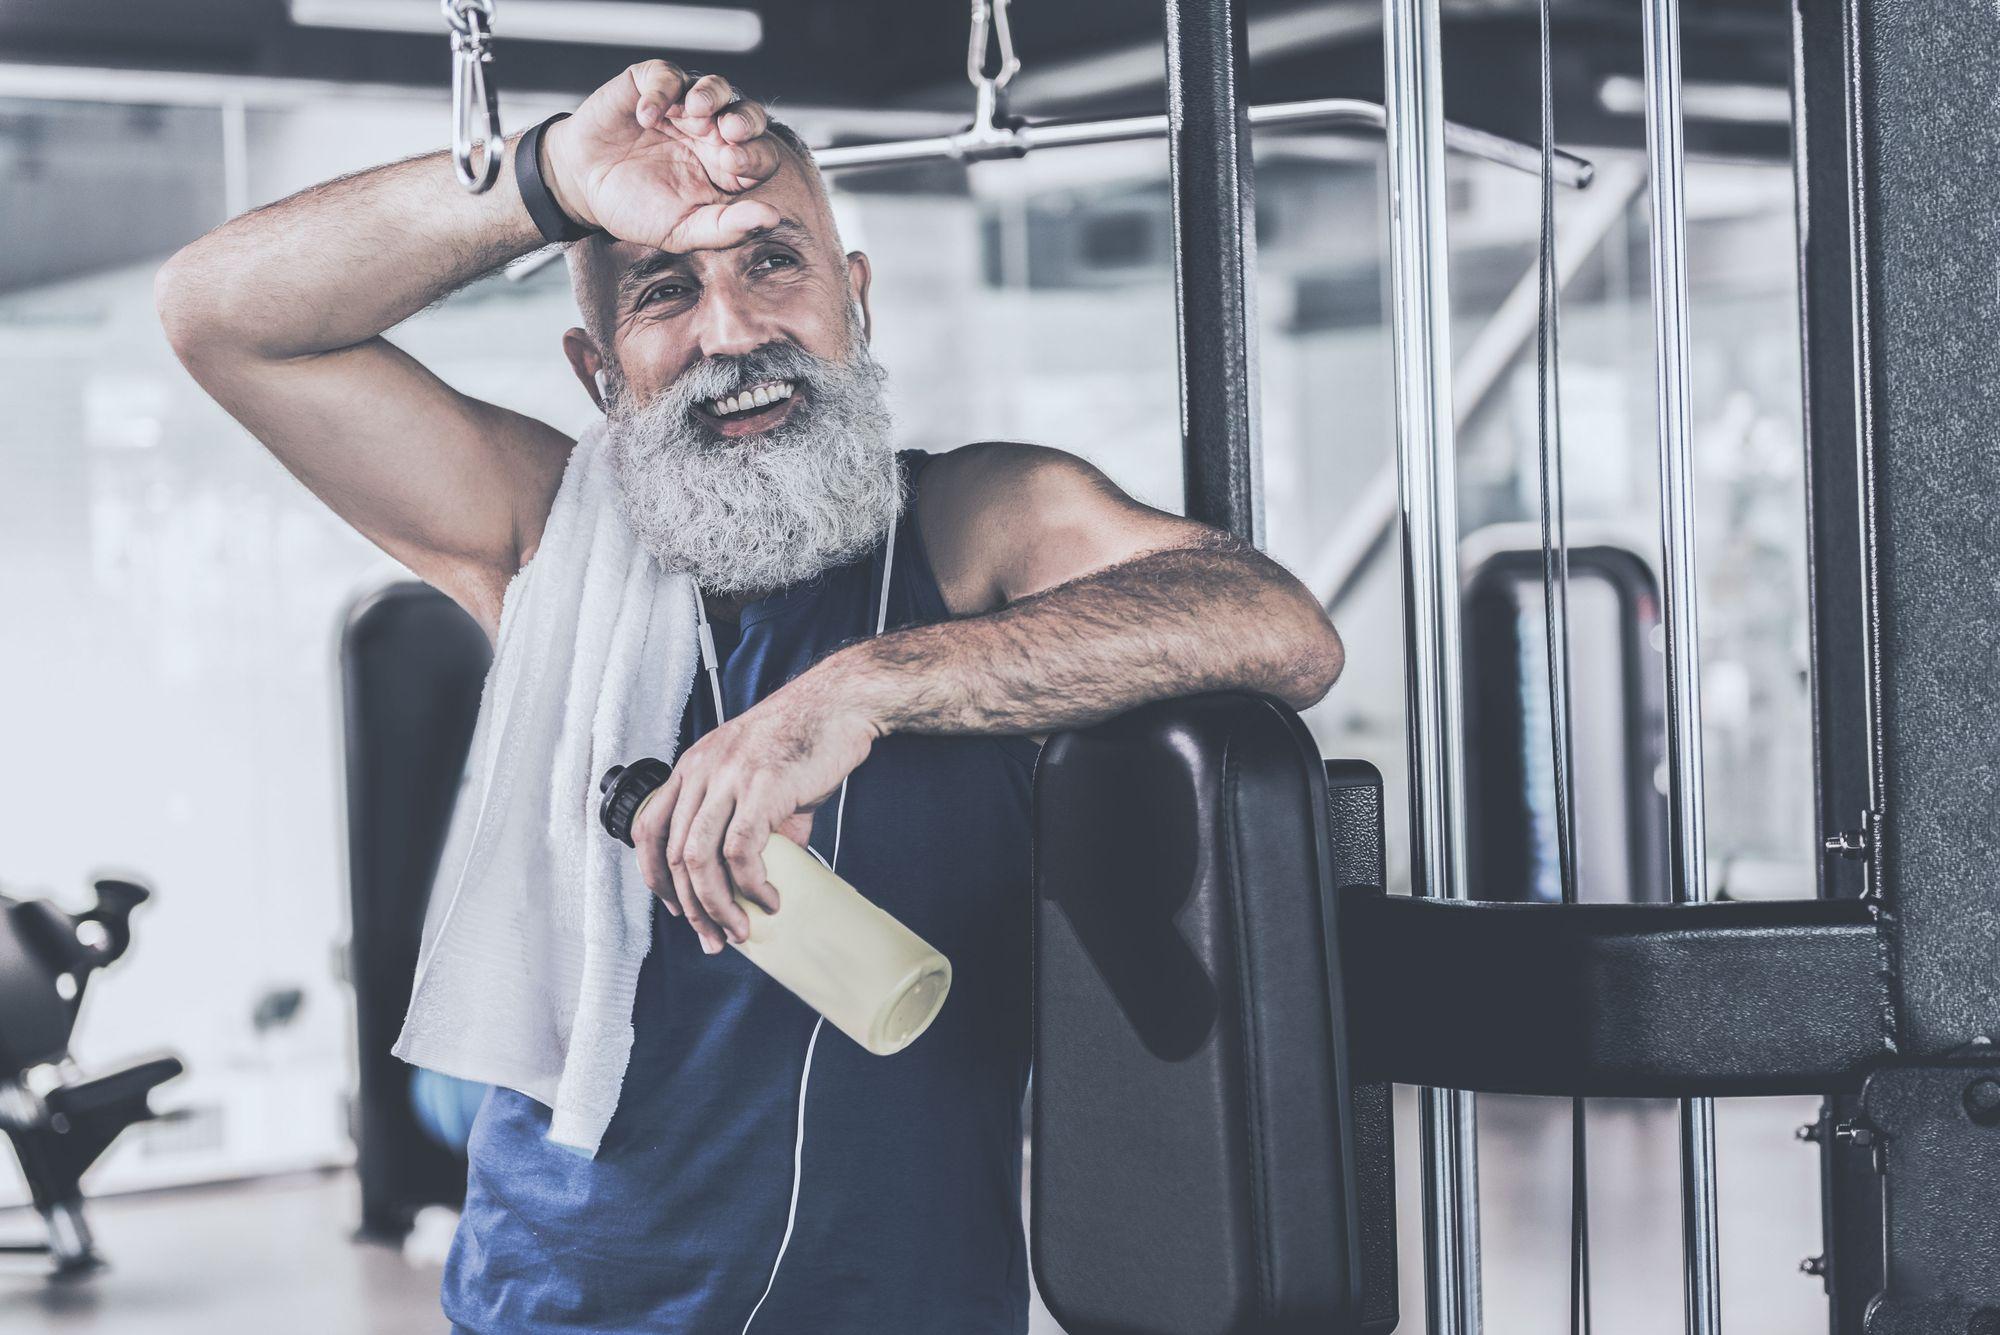 Older man in gym